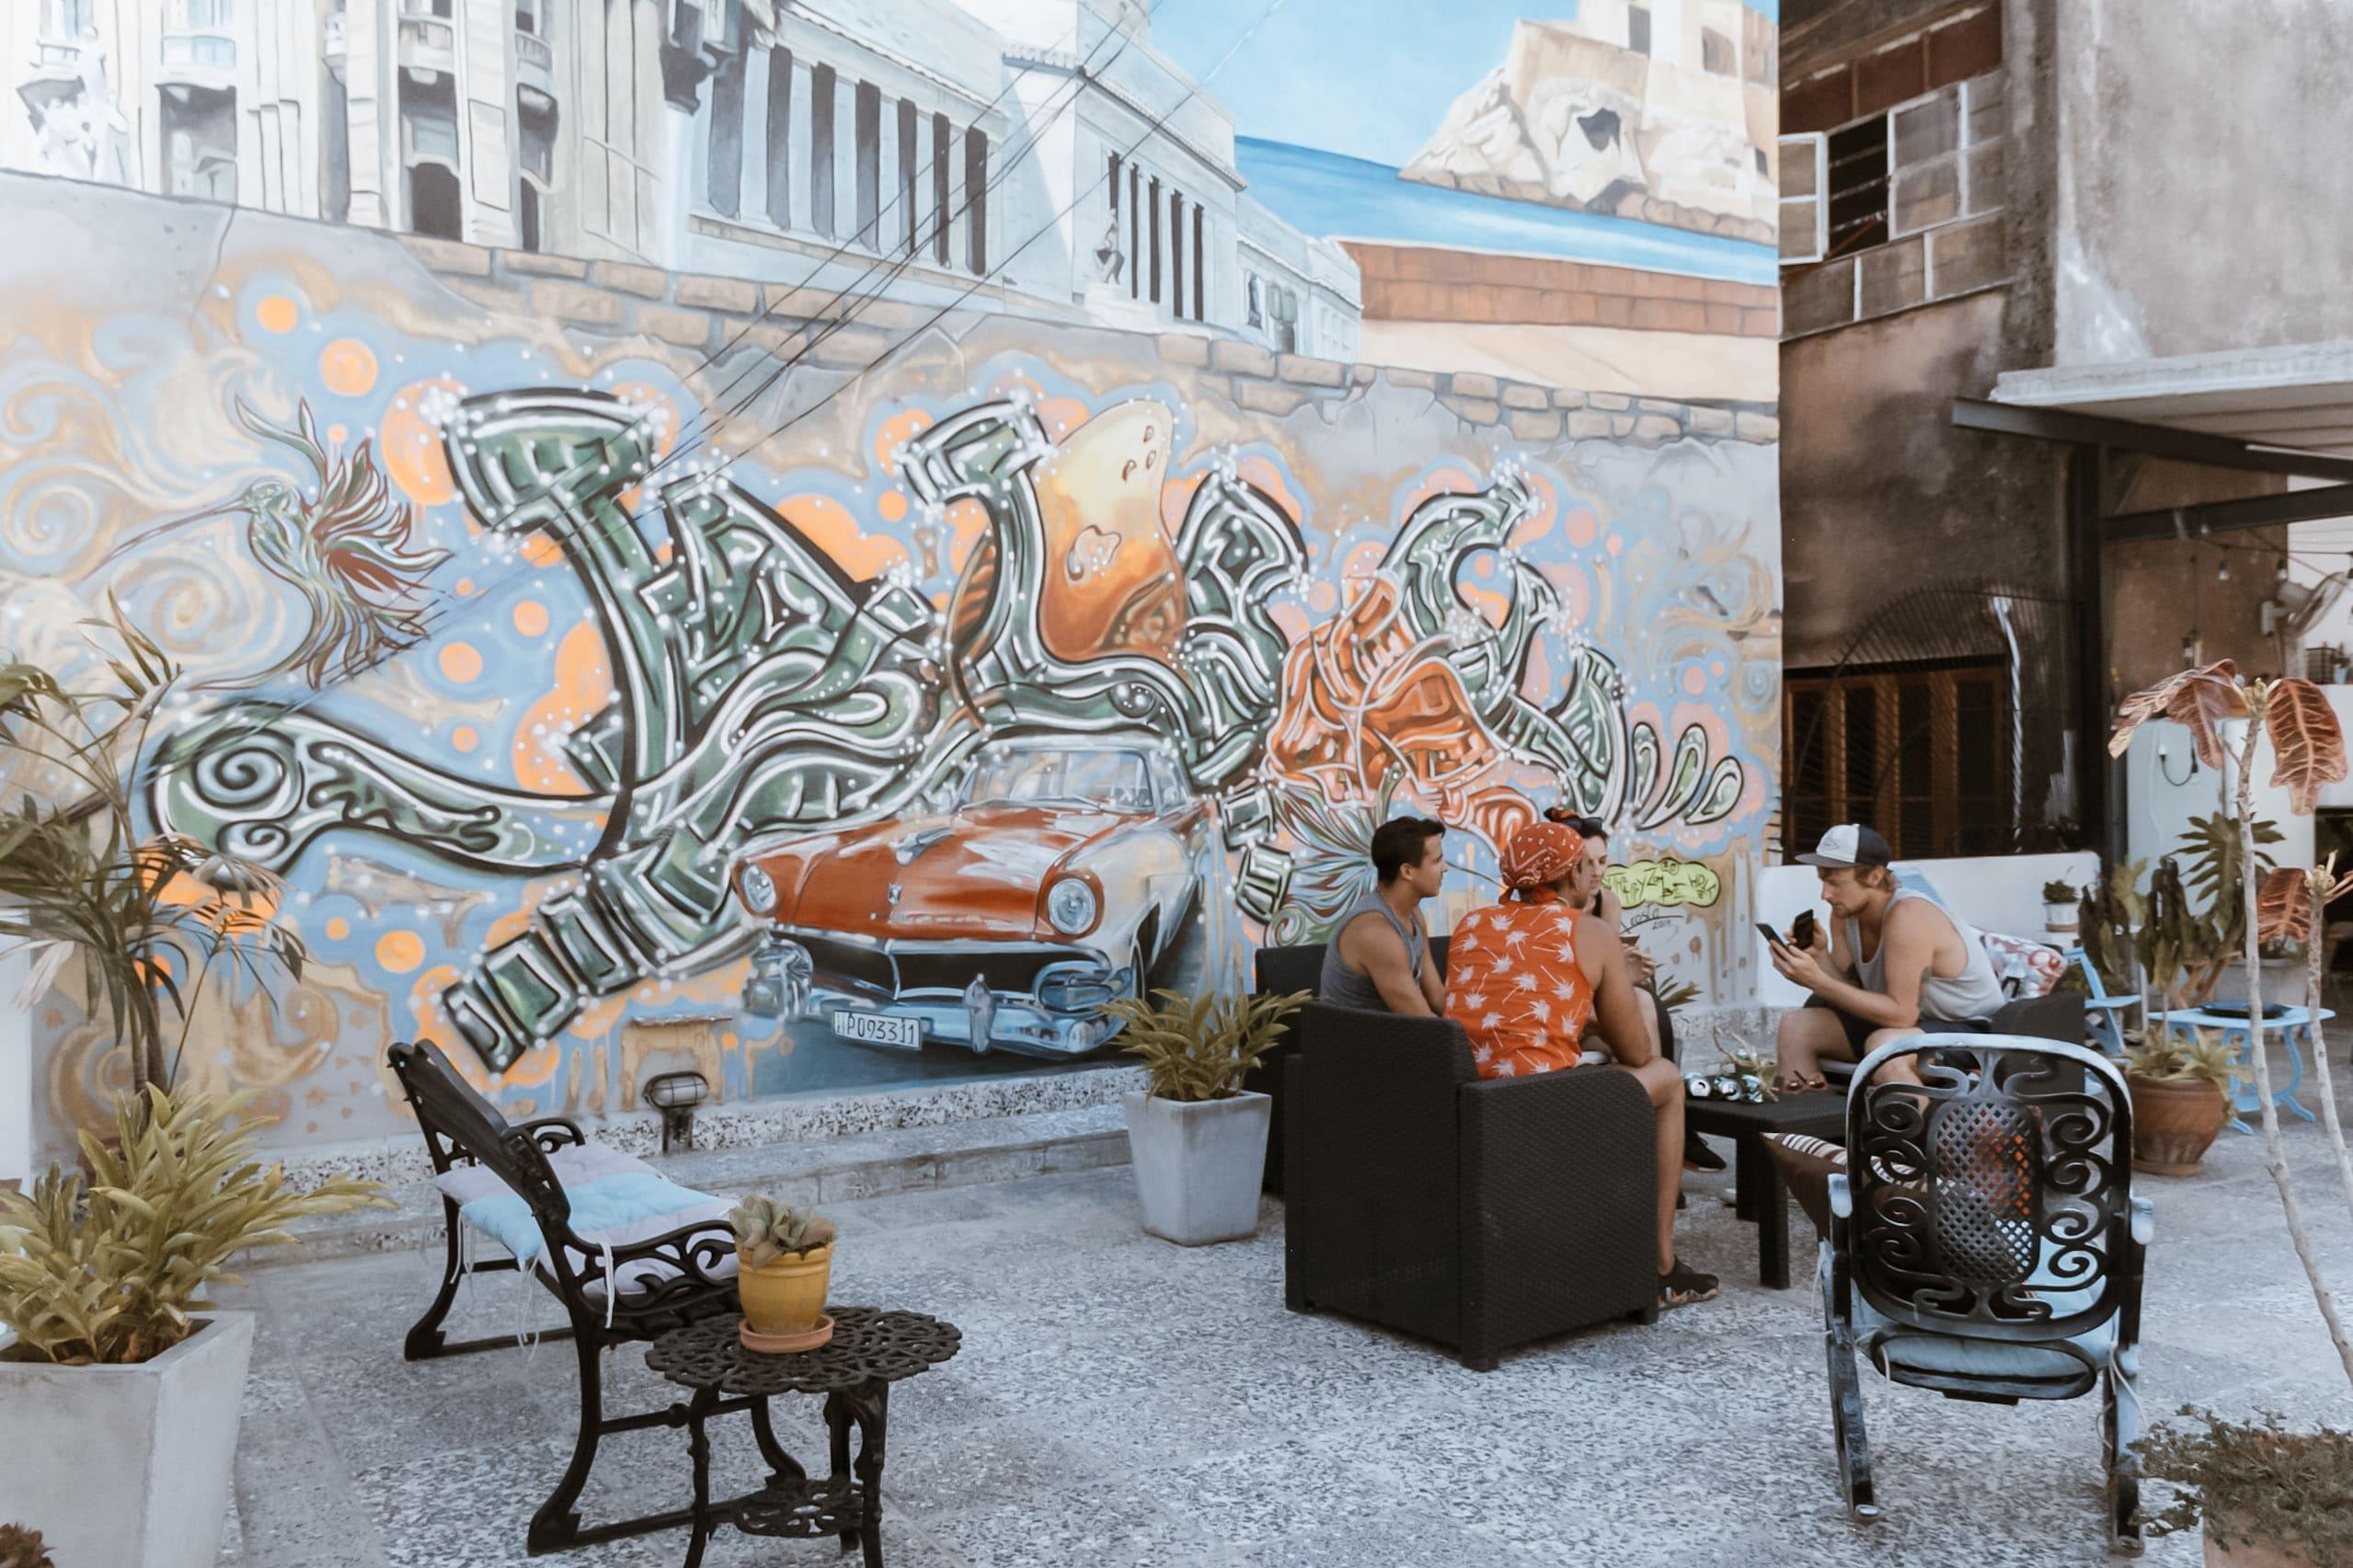 Menschen sitzen vor einem Graffiti auf einer Dachterrasse in Kuba